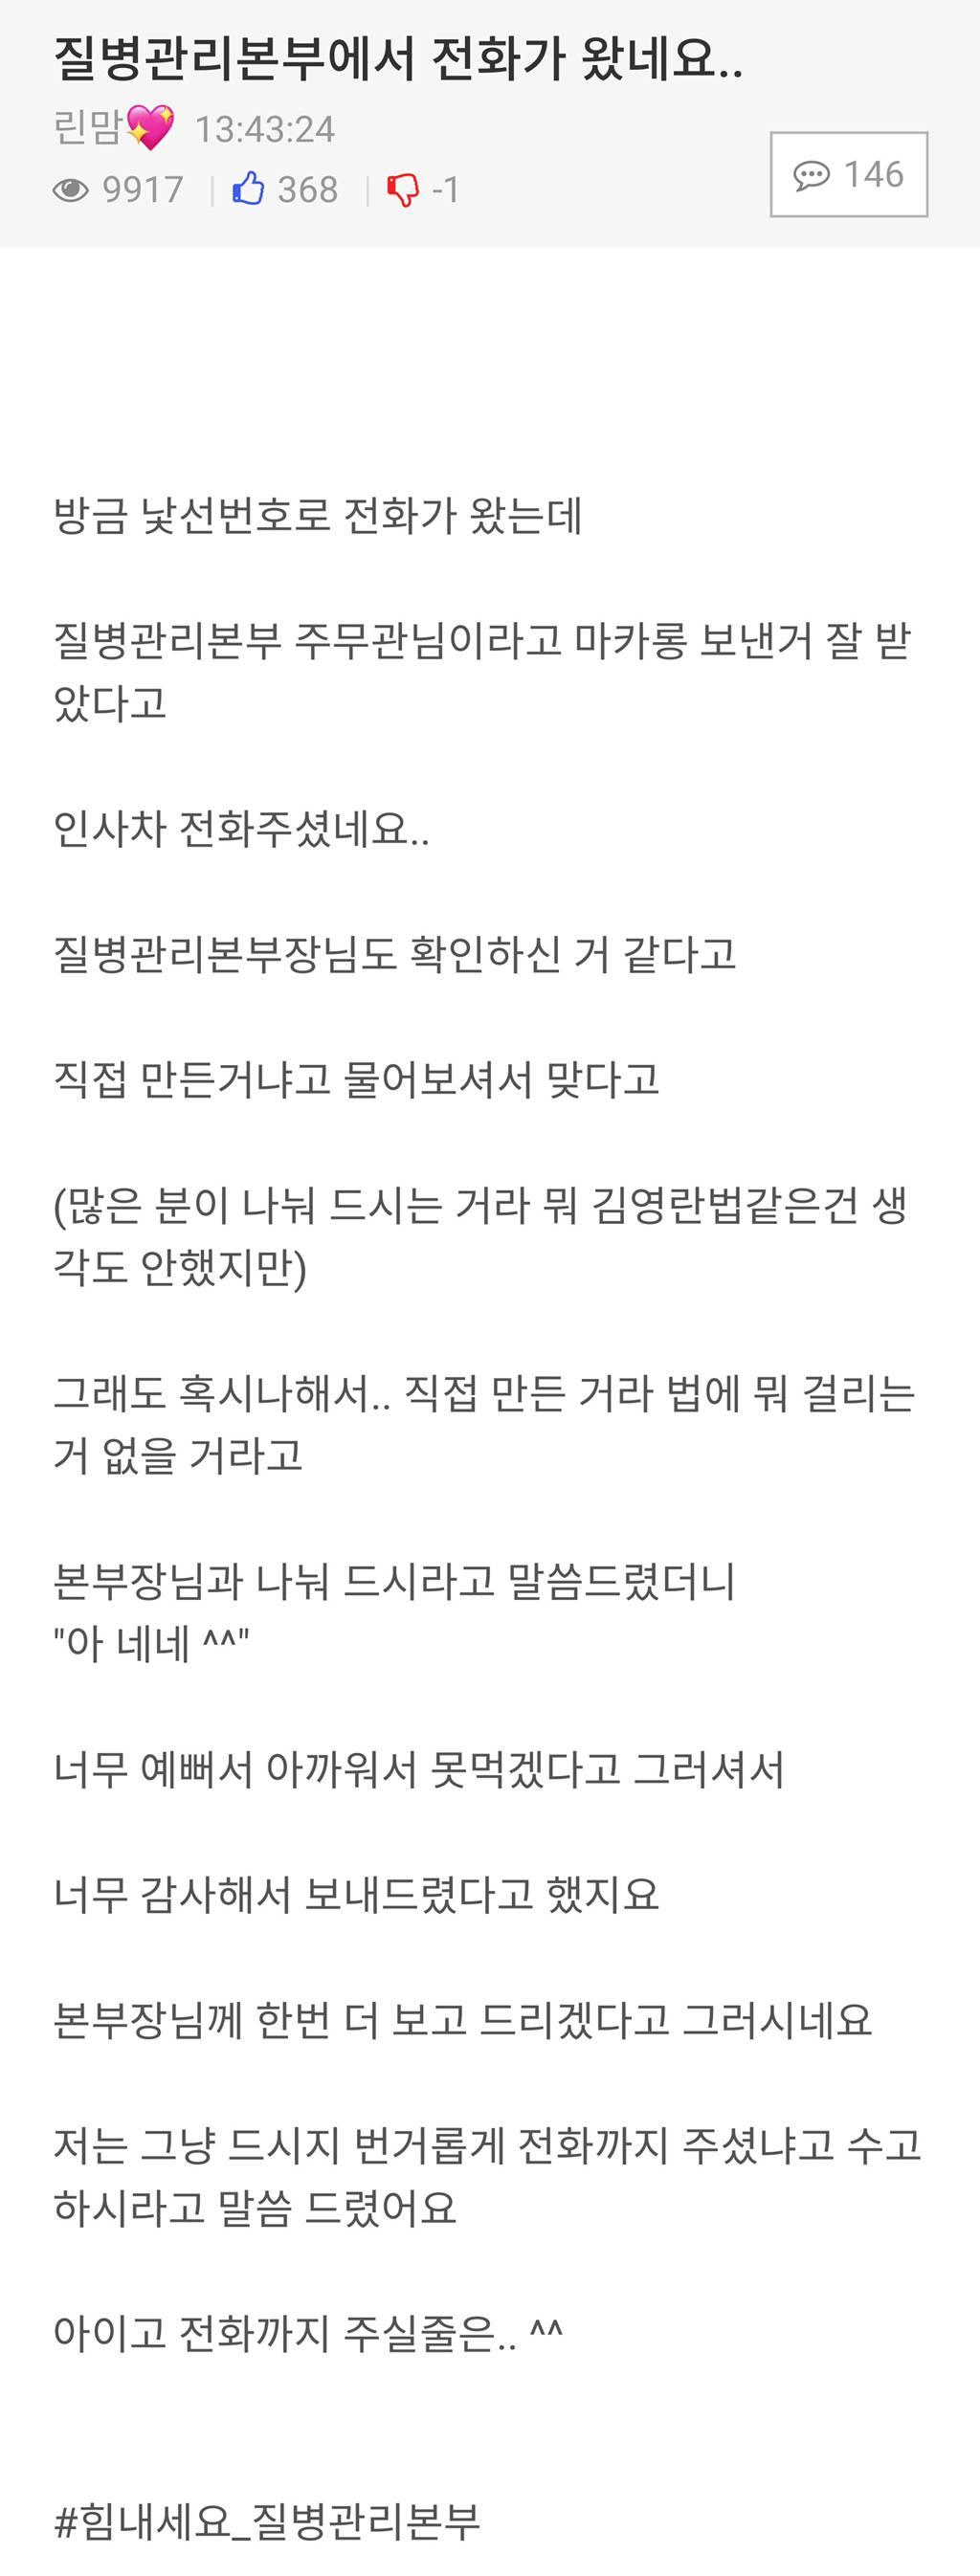 질병관리본부에 직접 만든 마카롱 보낸 한 네티즌.jpg   인스티즈